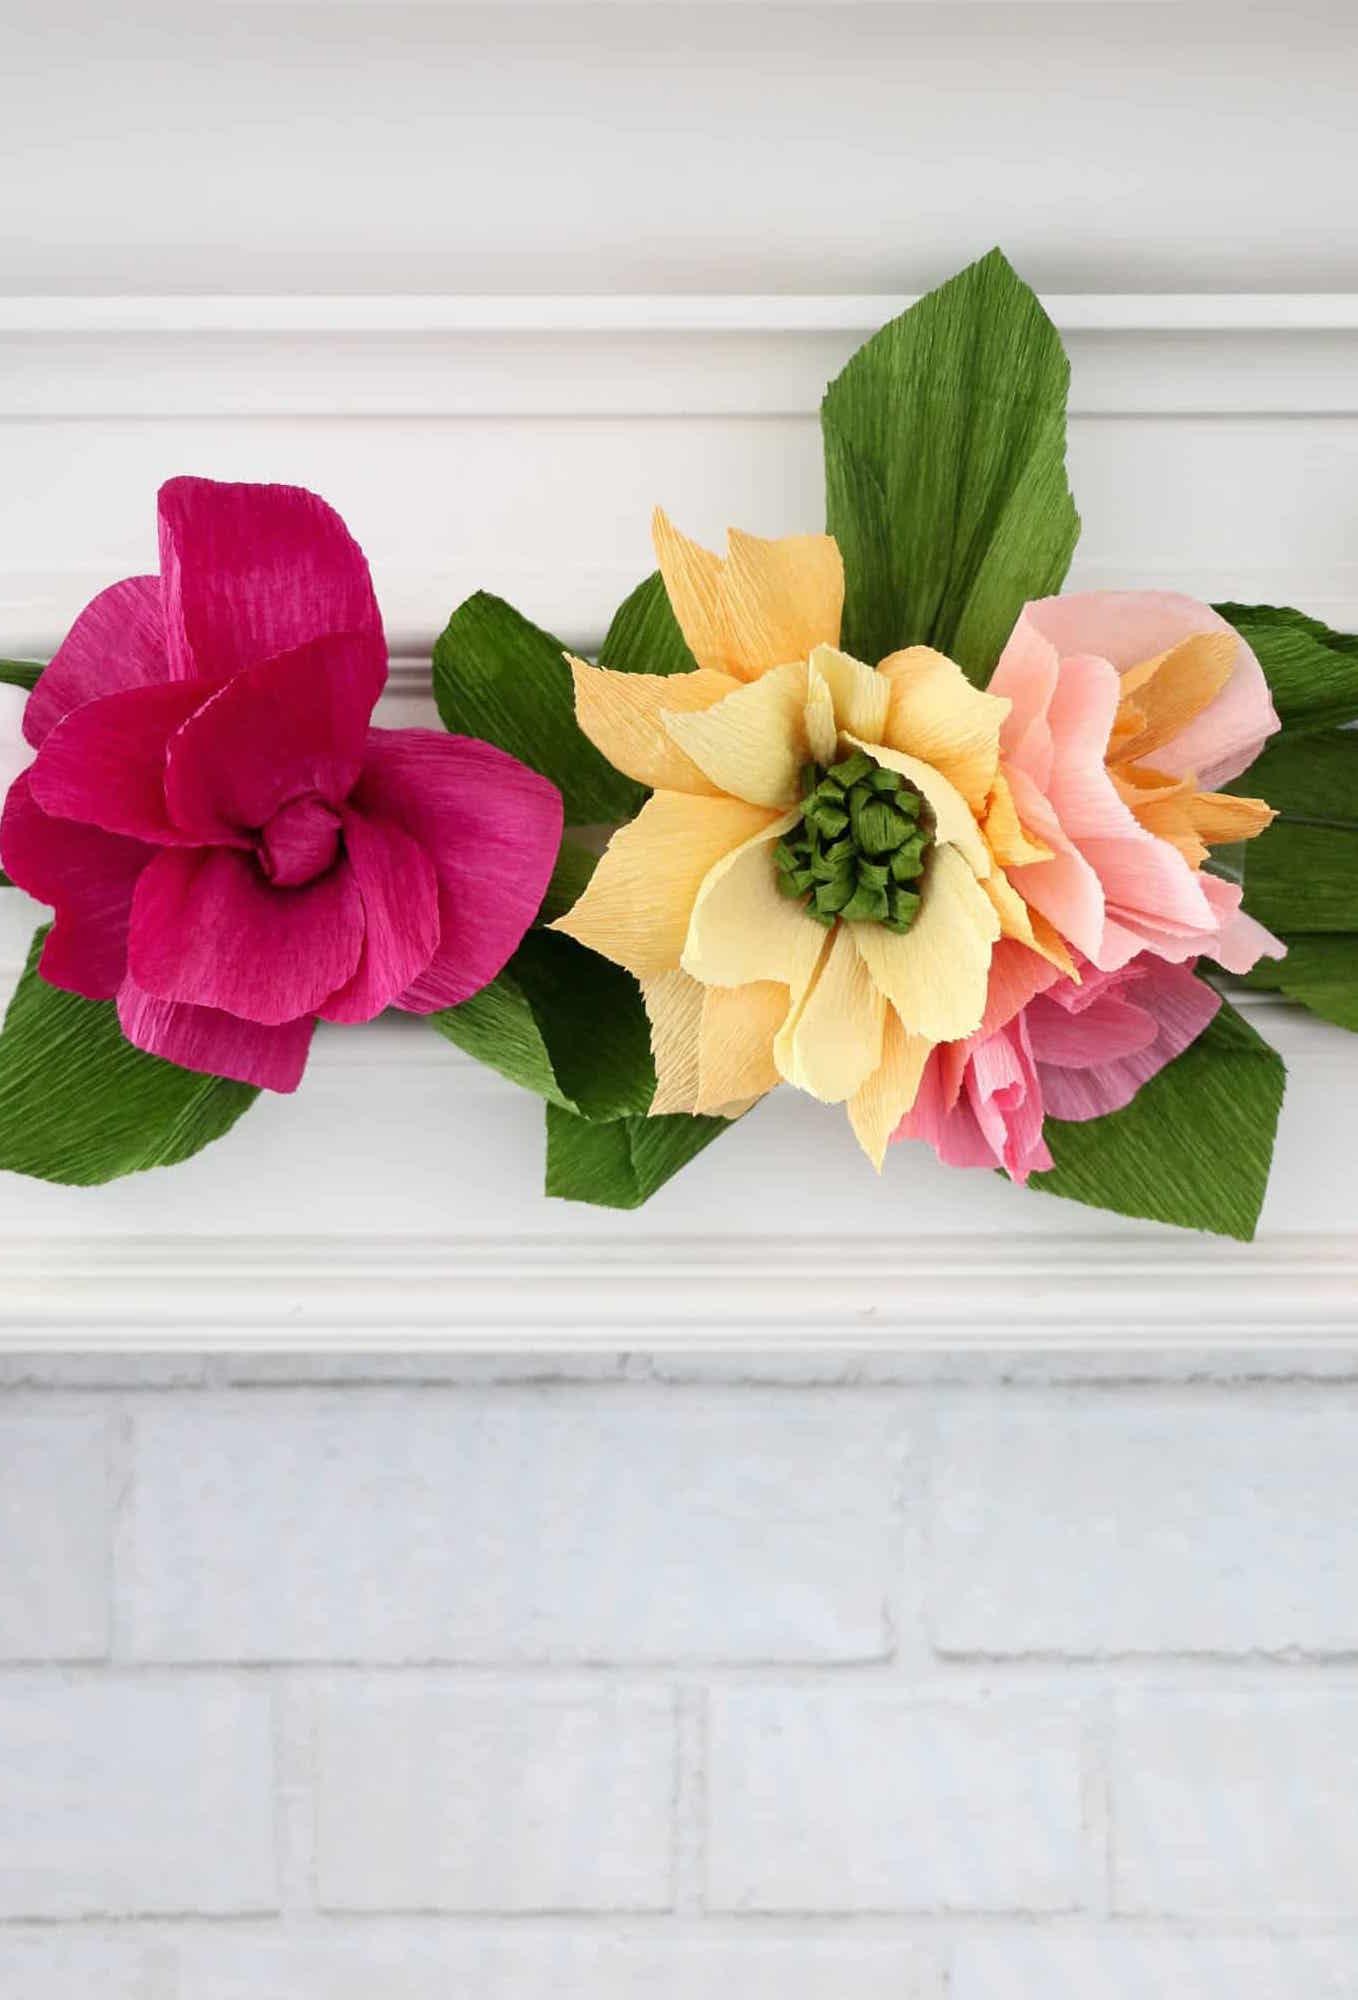 como fazer tiras flor de papel crepom para decorar lareira